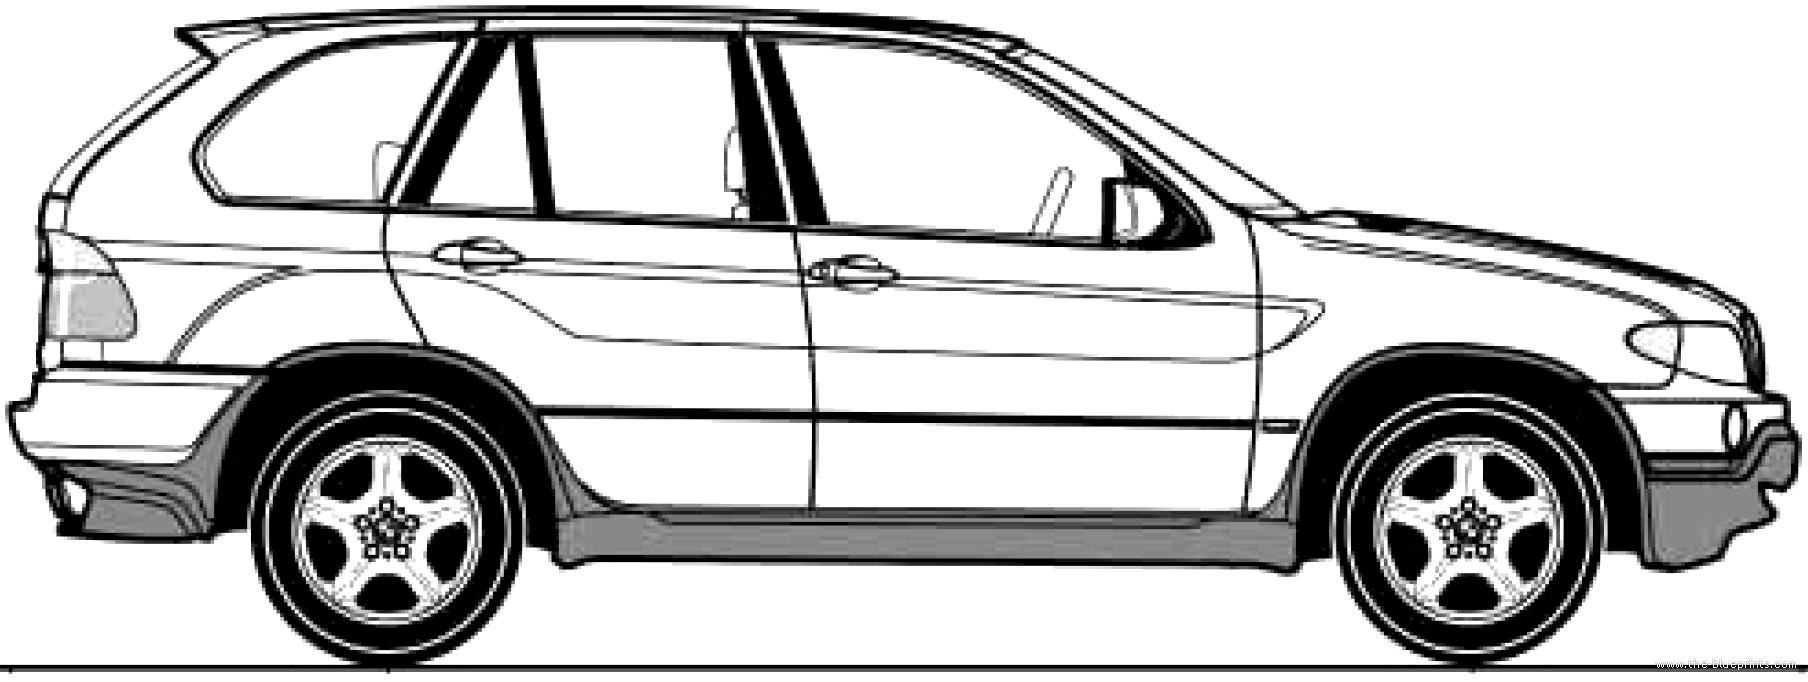 mercedes car wiring diagram schemes  mercedes  auto wiring